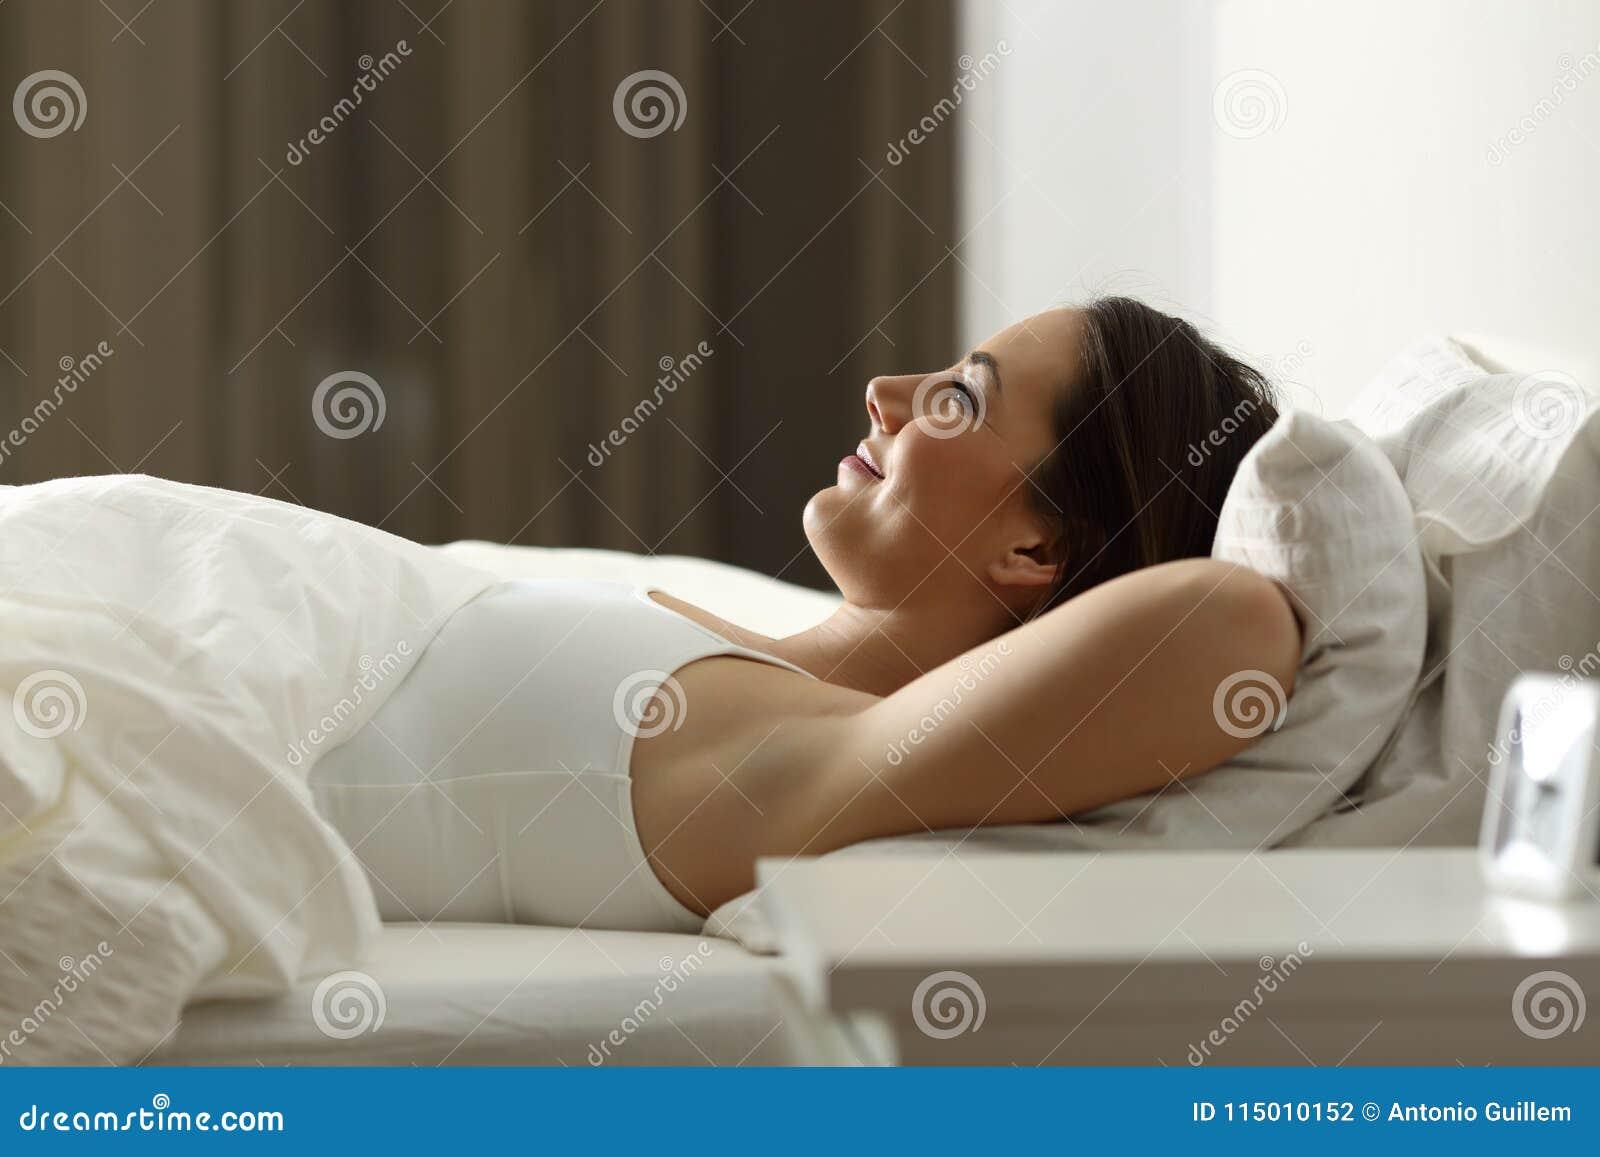 El dormir de relajación de la mujer en casa en la noche